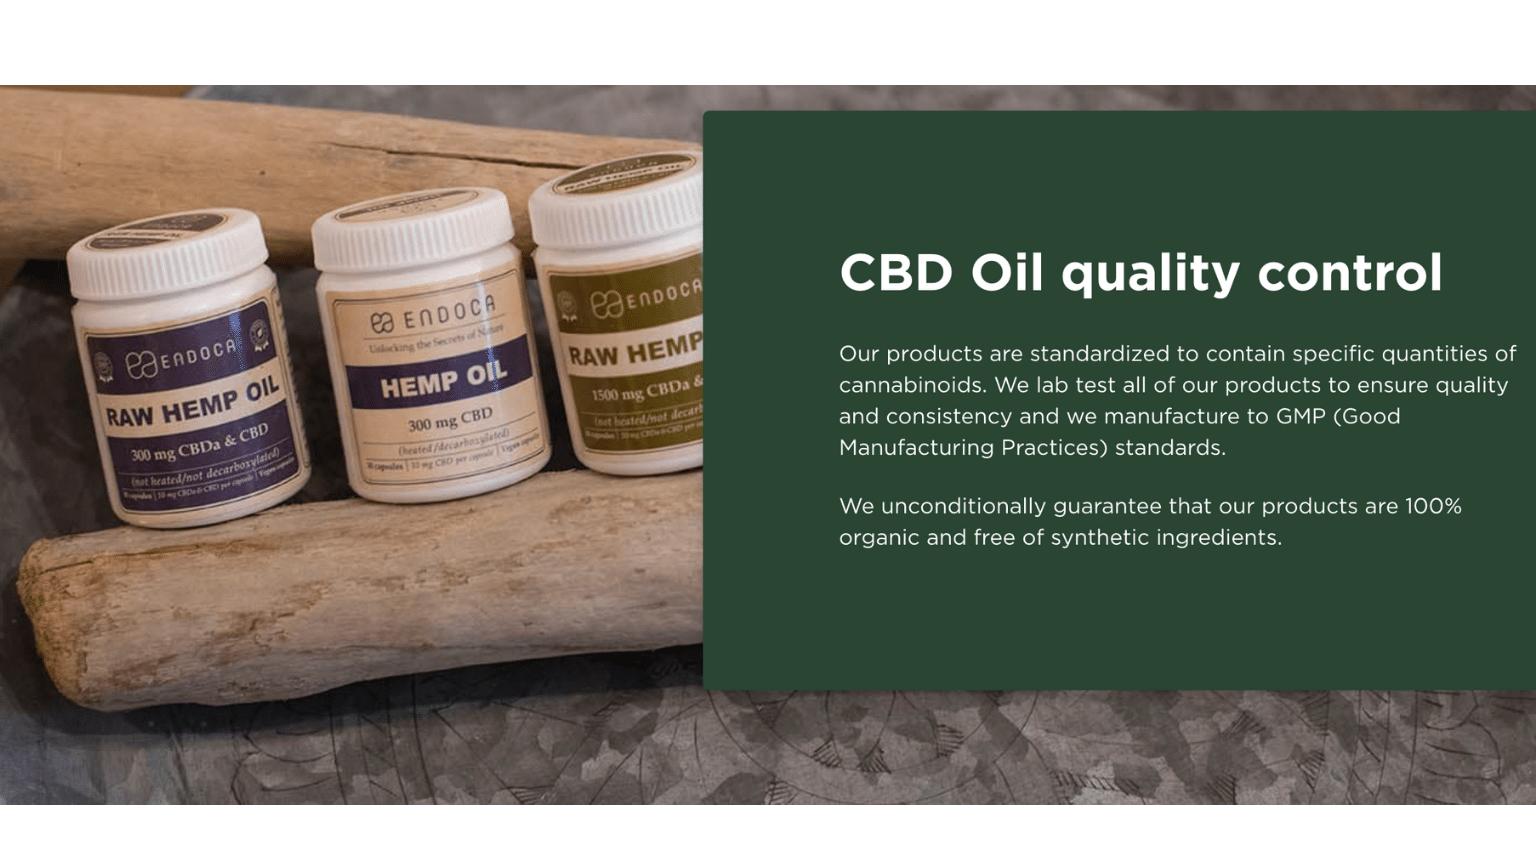 endoca-cbd-quality-control